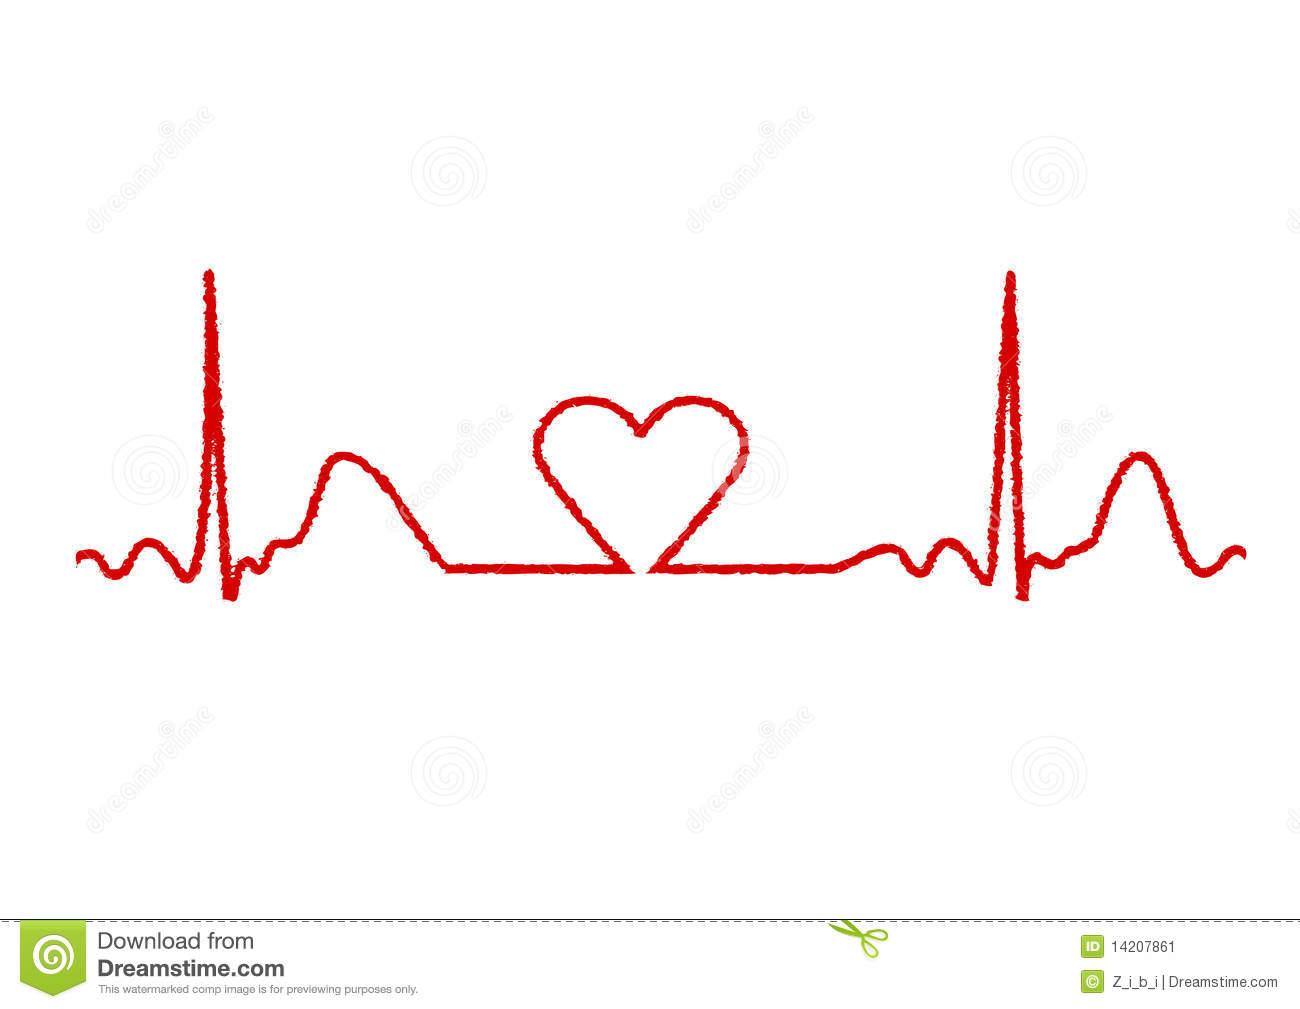 Cardiac rhythm clipart.